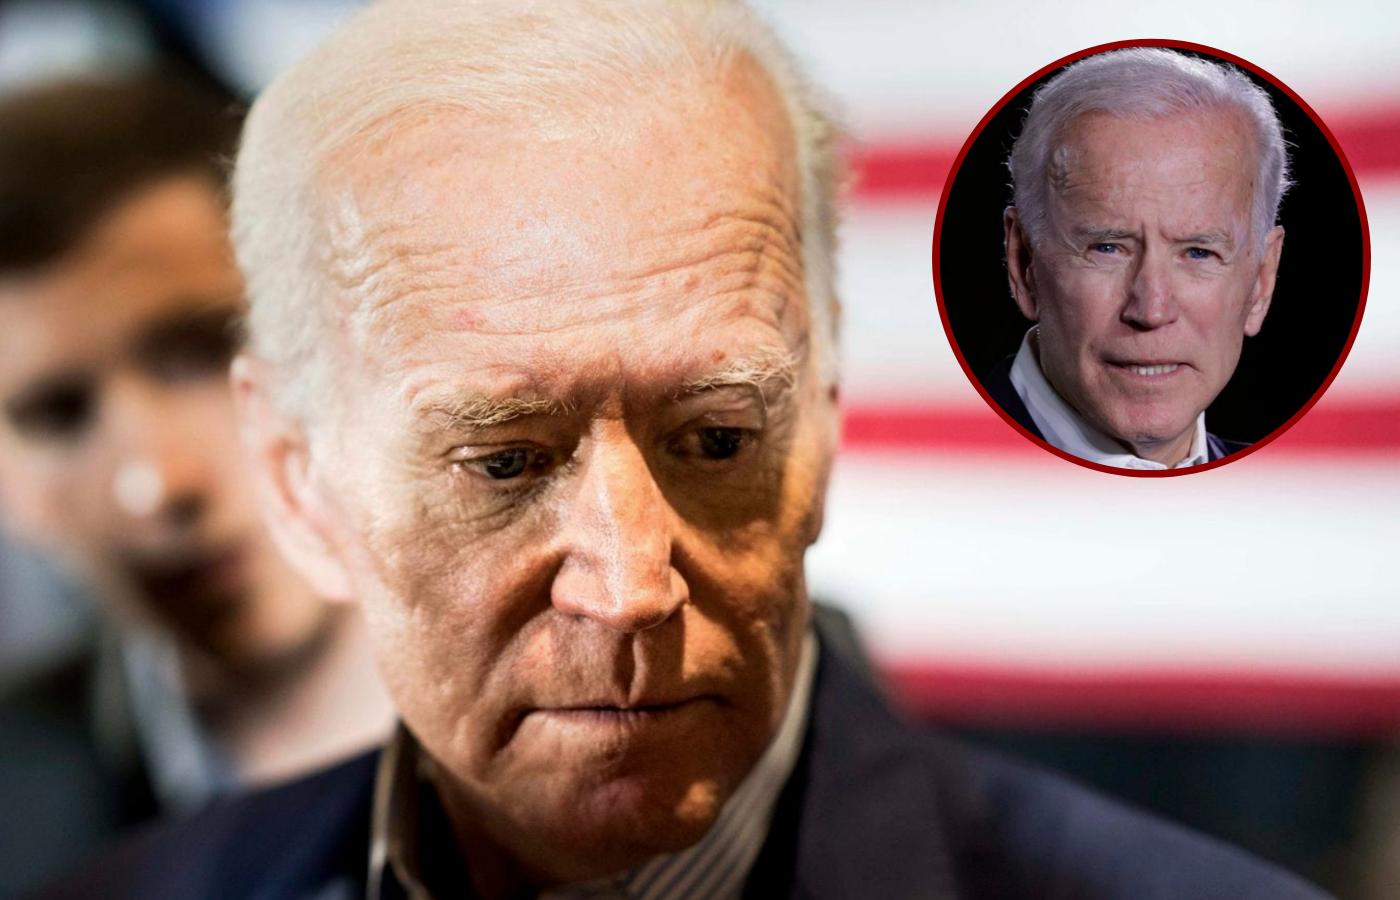 Nearly 40% of Voters Believe Joe Biden Has Dementia, 1-In-5 Dems Agree